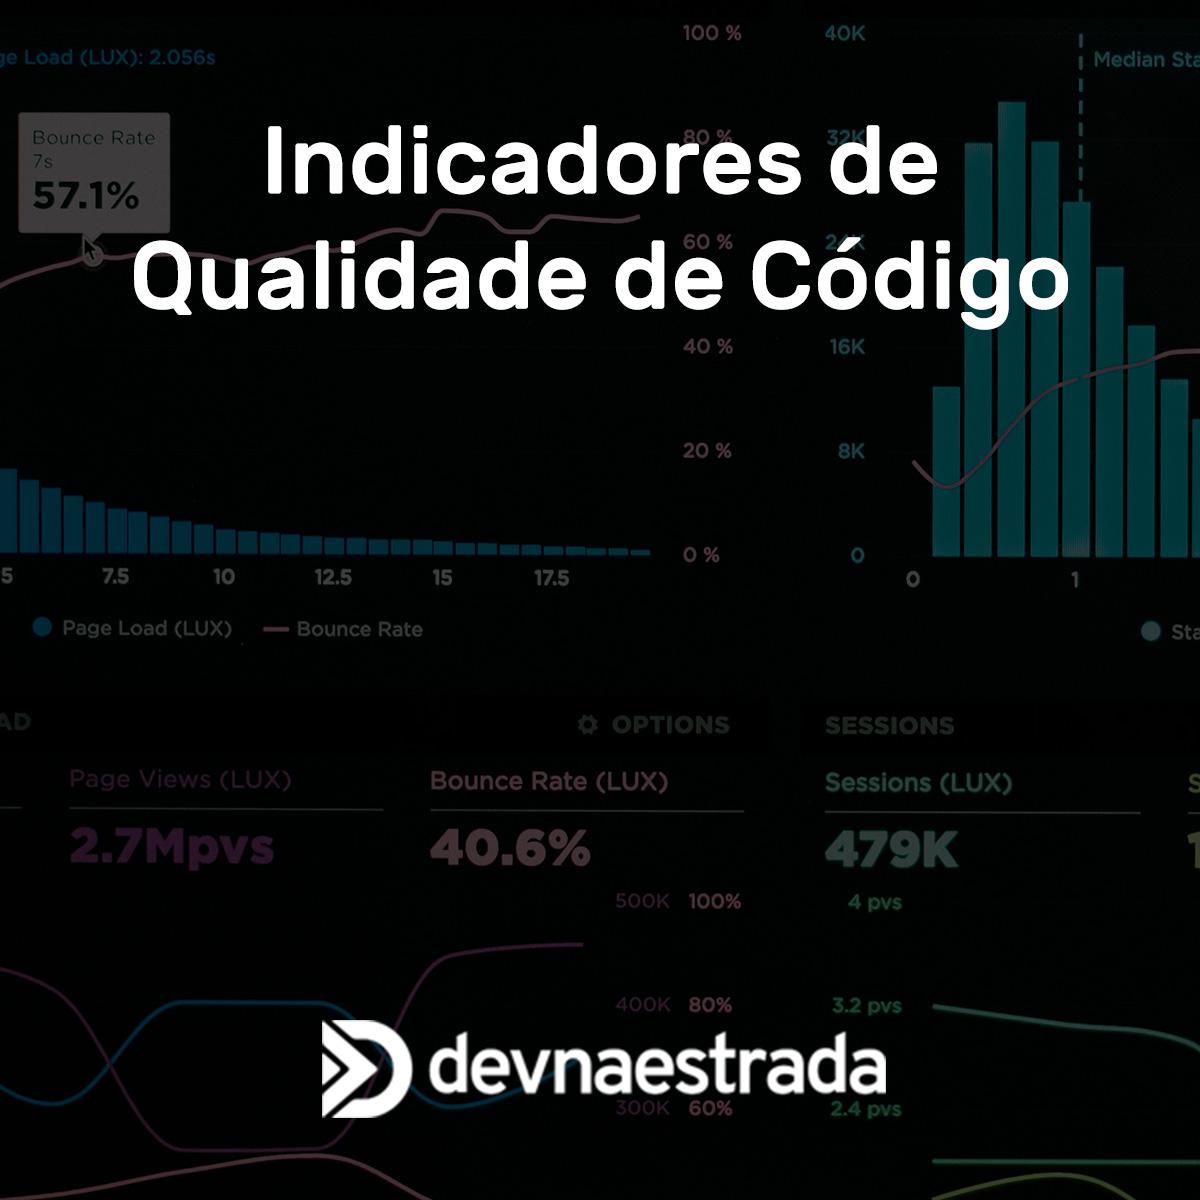 Indicadores de Qualidade de Código